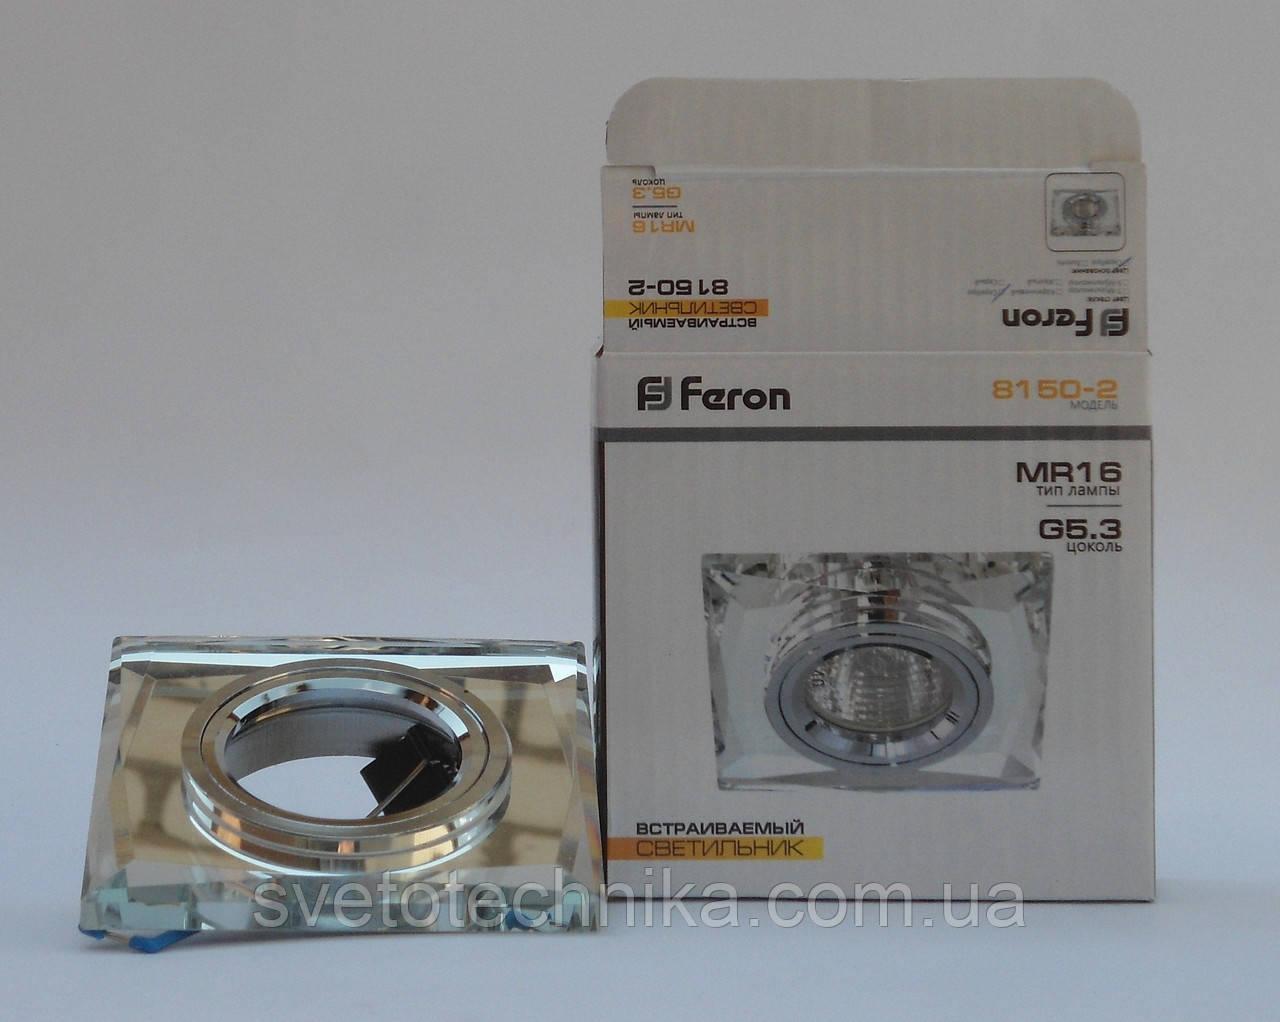 Светильник Feron 8150 MR16 (цвет корпуса серый-серебро)